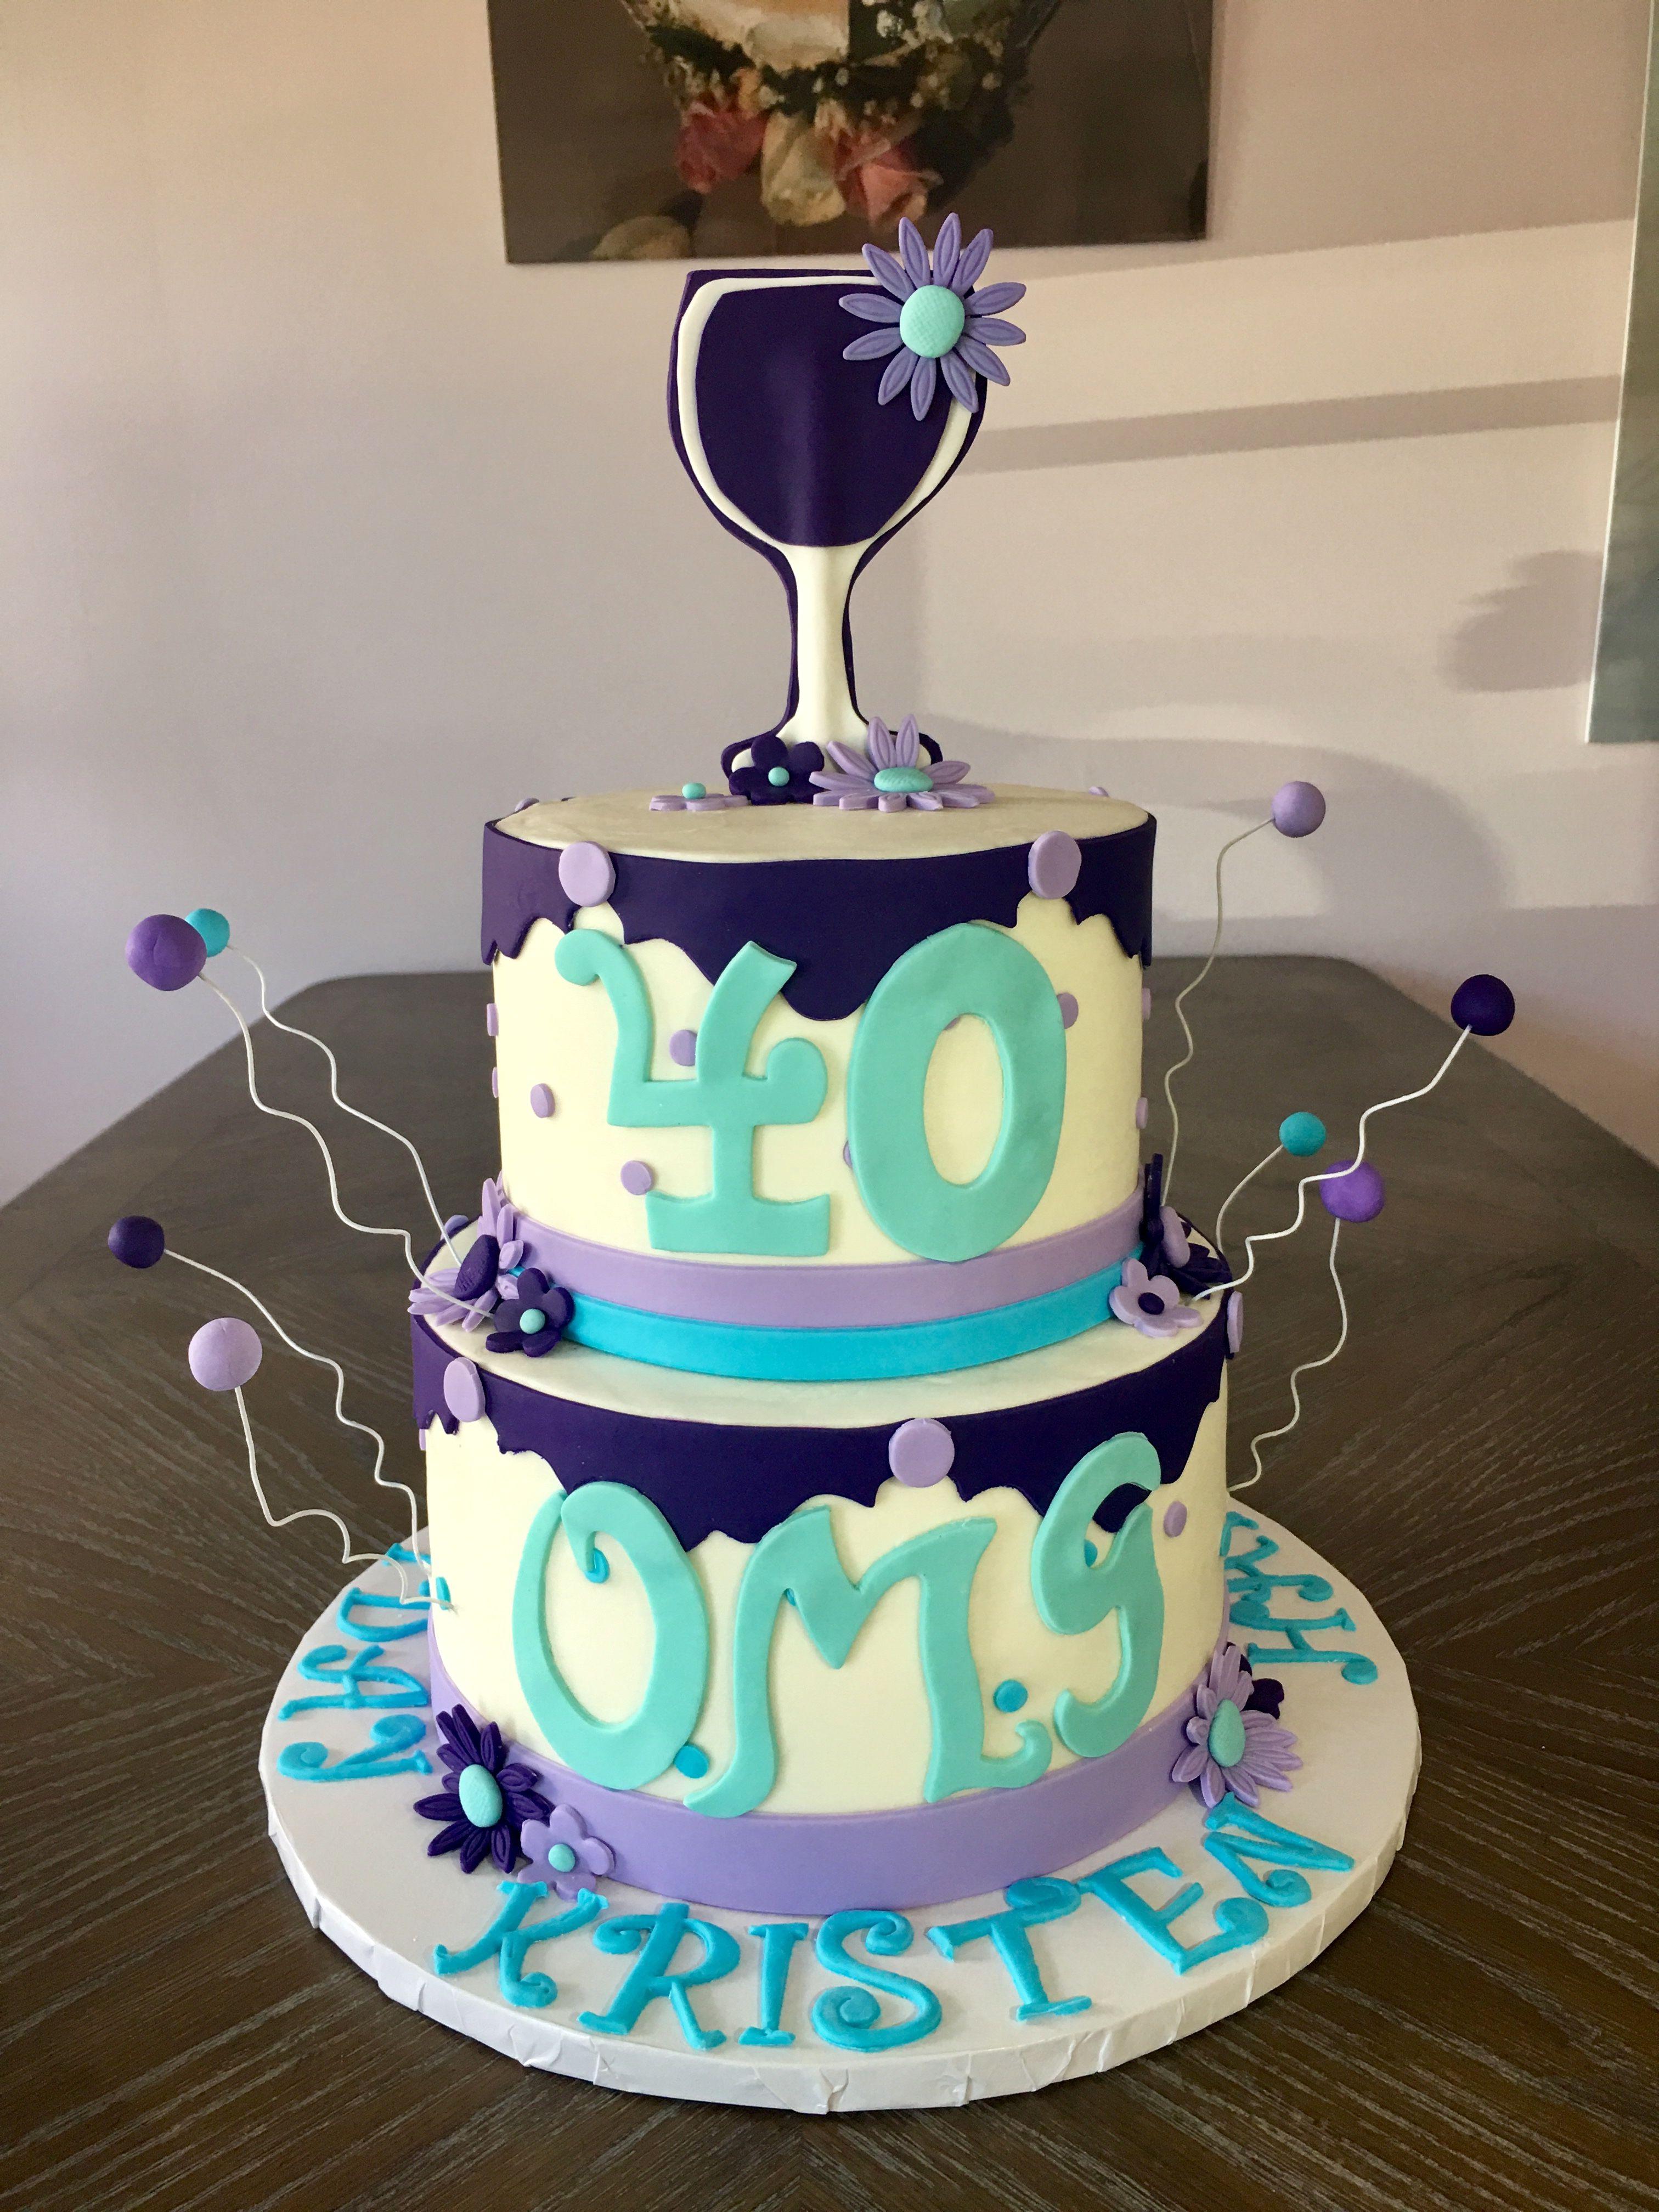 40th birthday cake 40th birthday cakes celebration